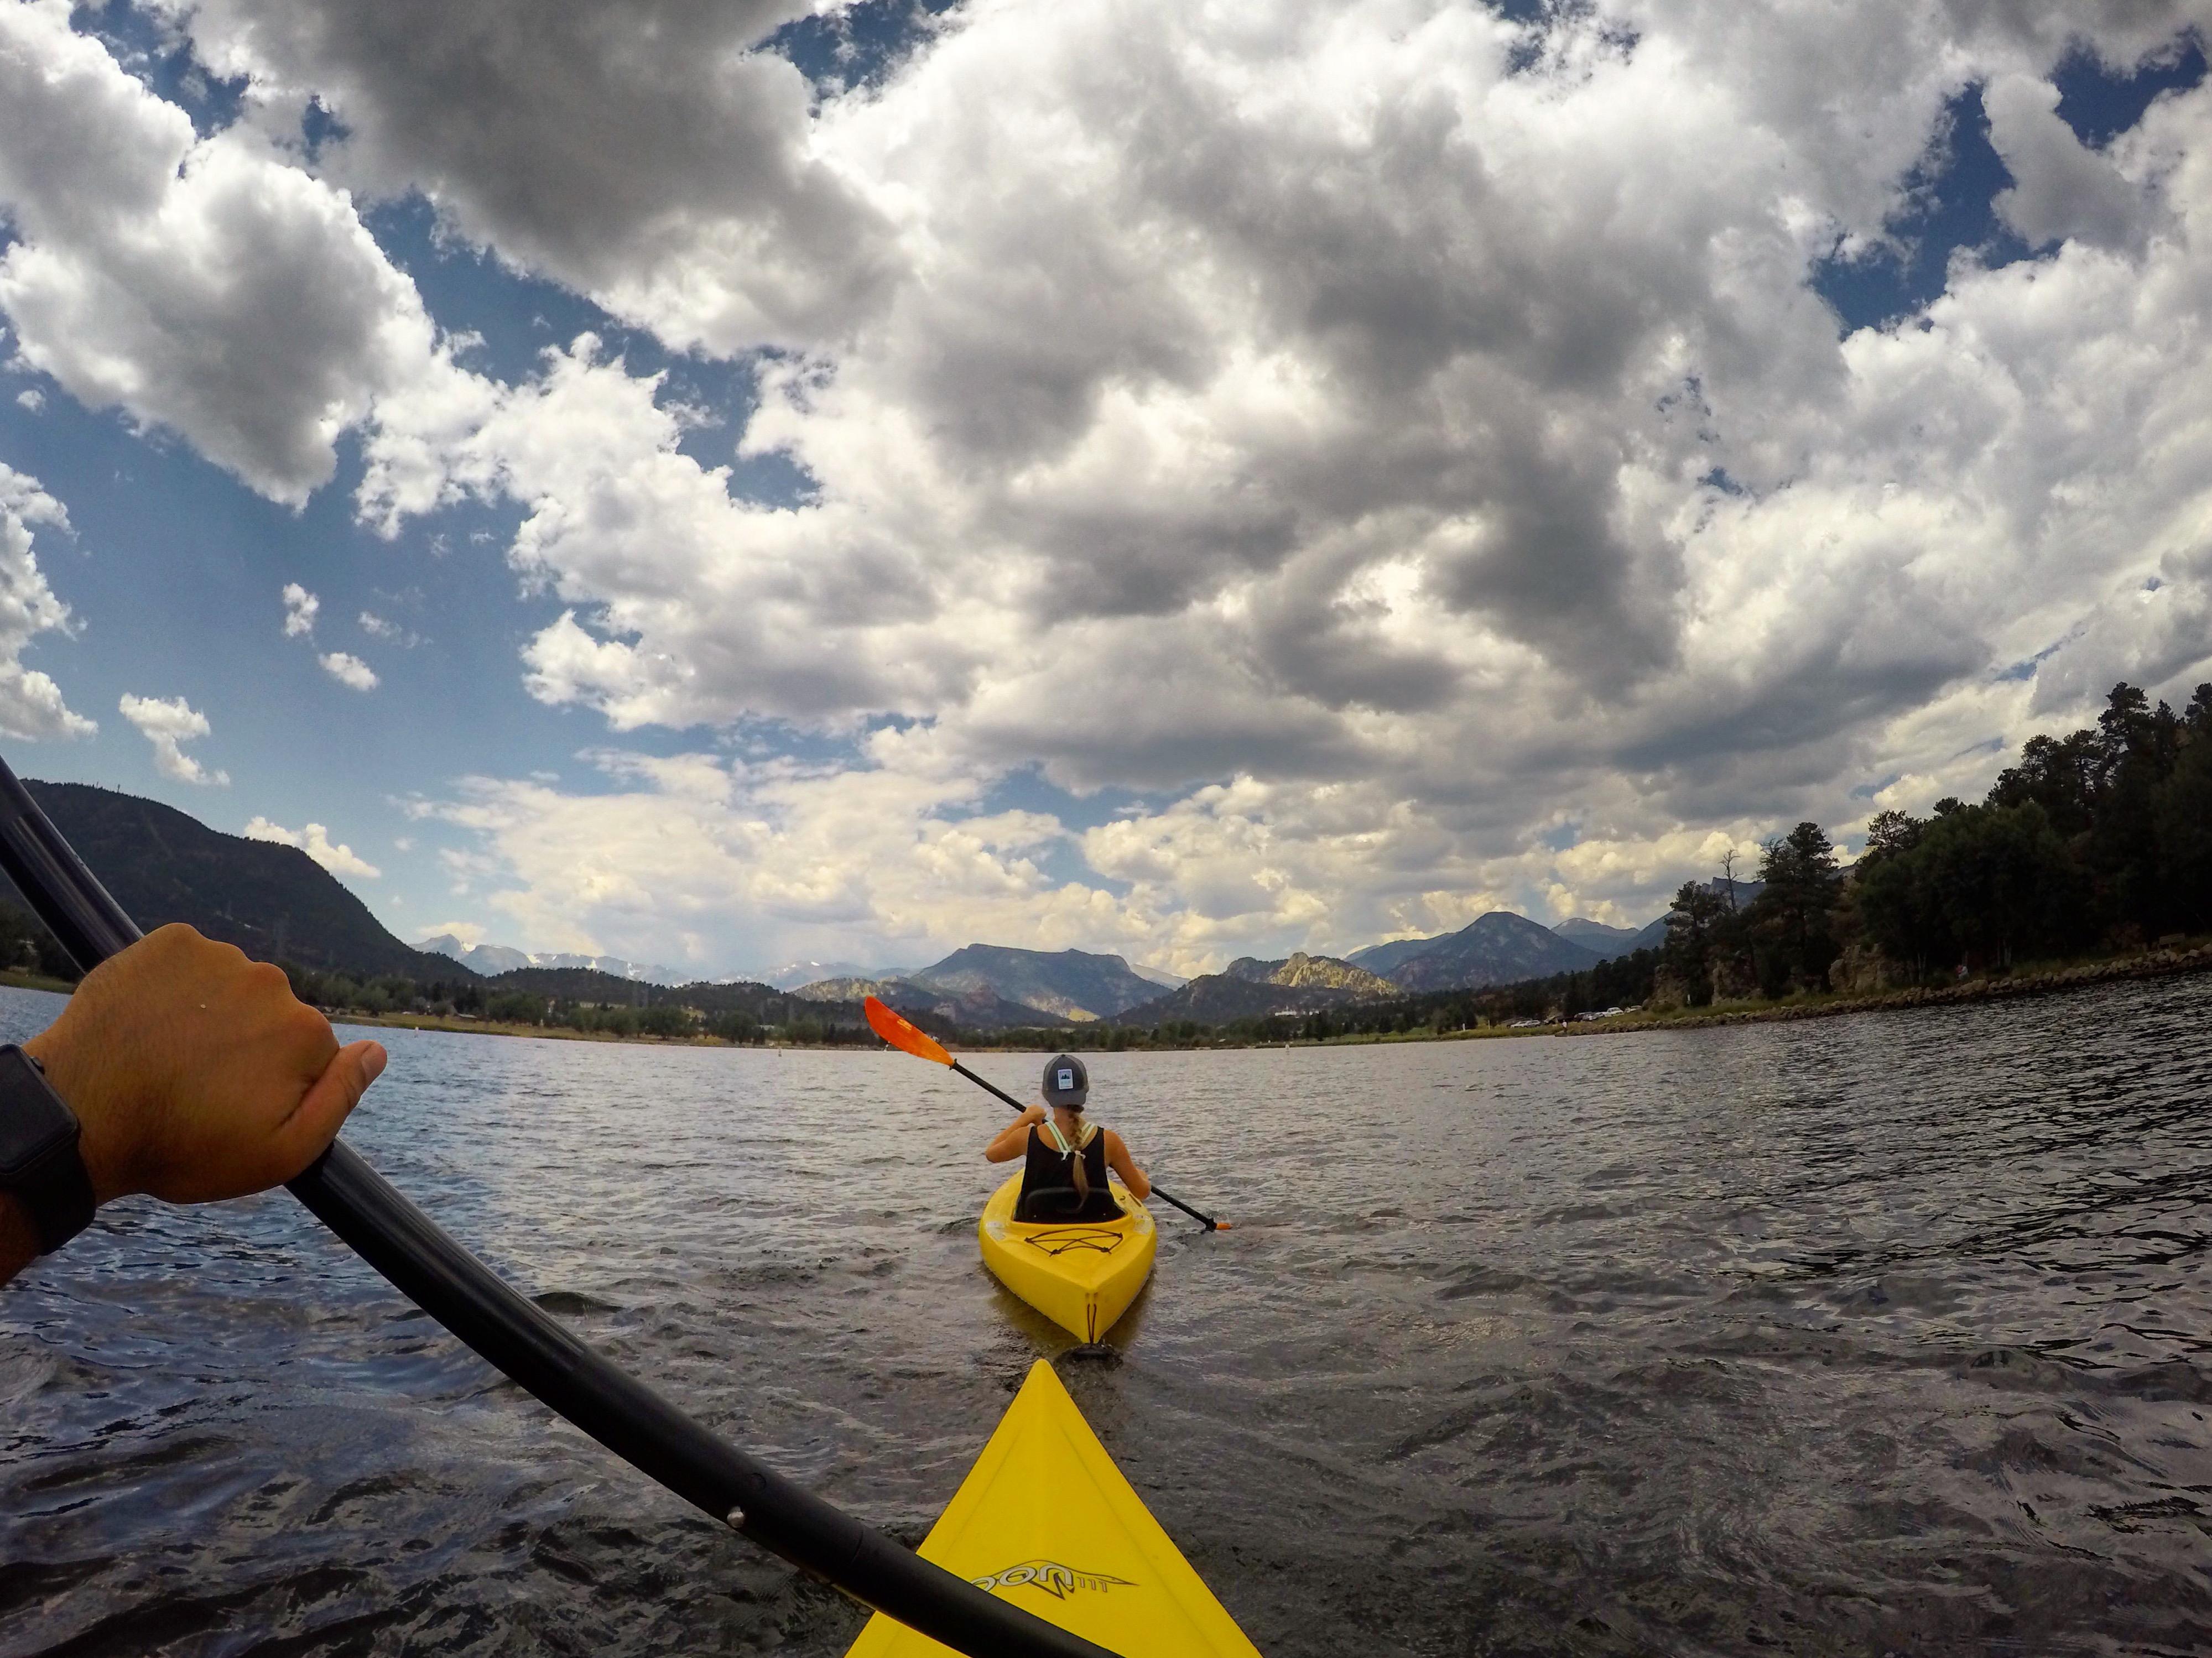 Kayaking on Lake Estes in Estes Park, Colorado